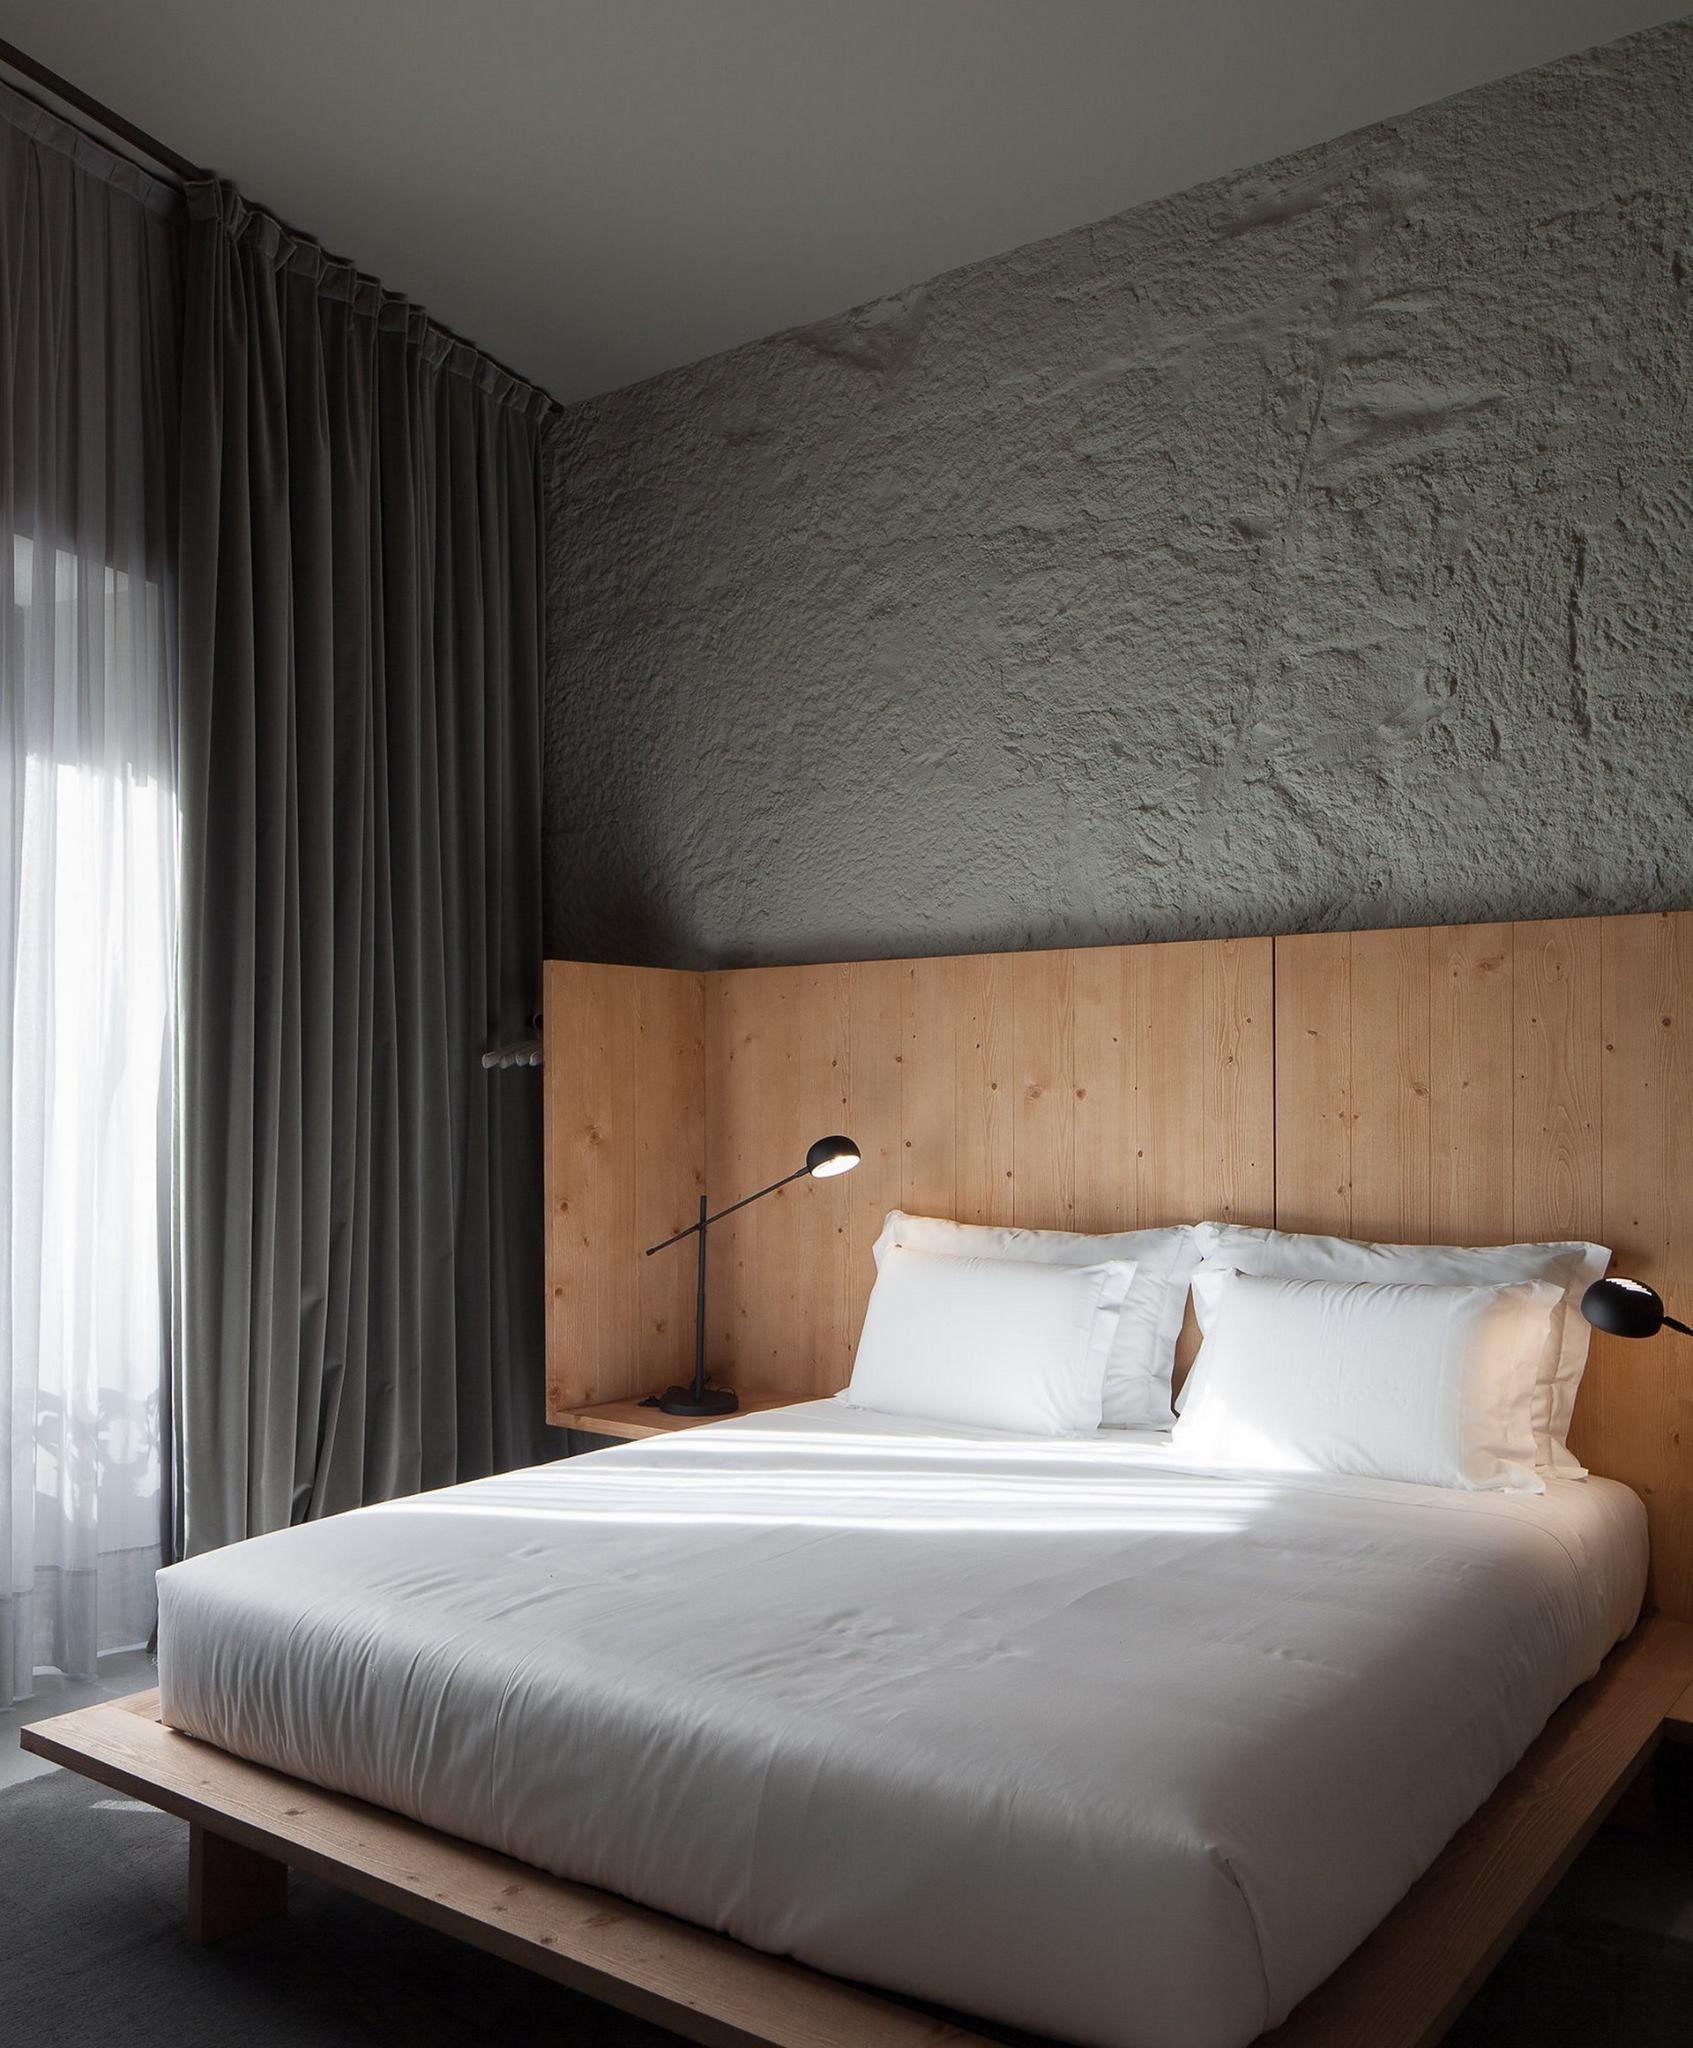 Kopfteil Holz / Holzbett (mit Bildern) Modernes